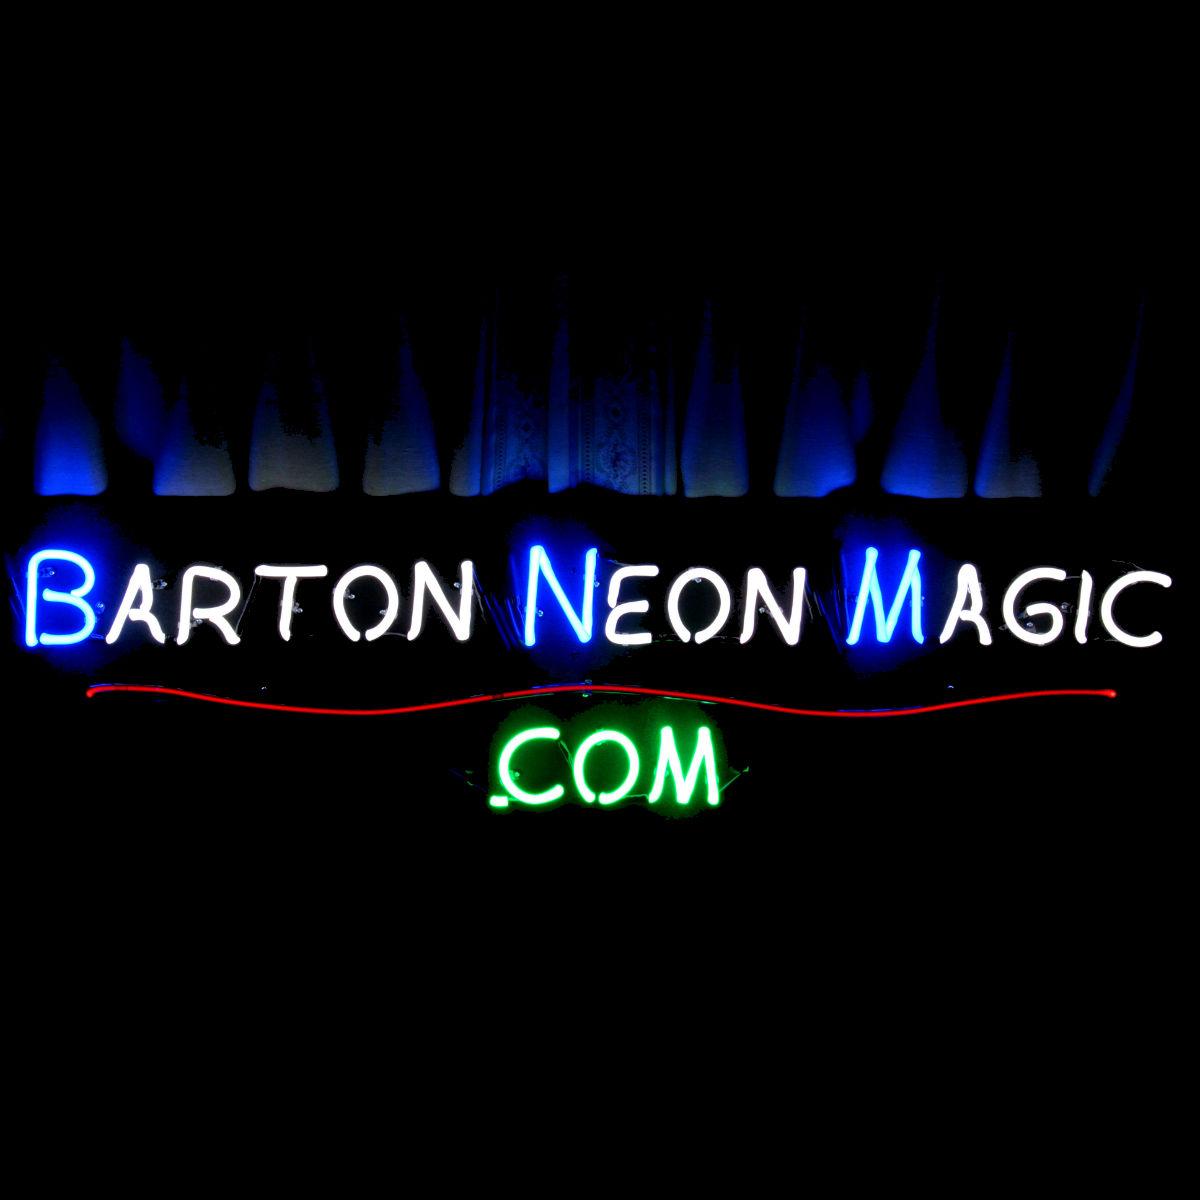 Barton Neon Magic - Elegant Custom Neon Lighting